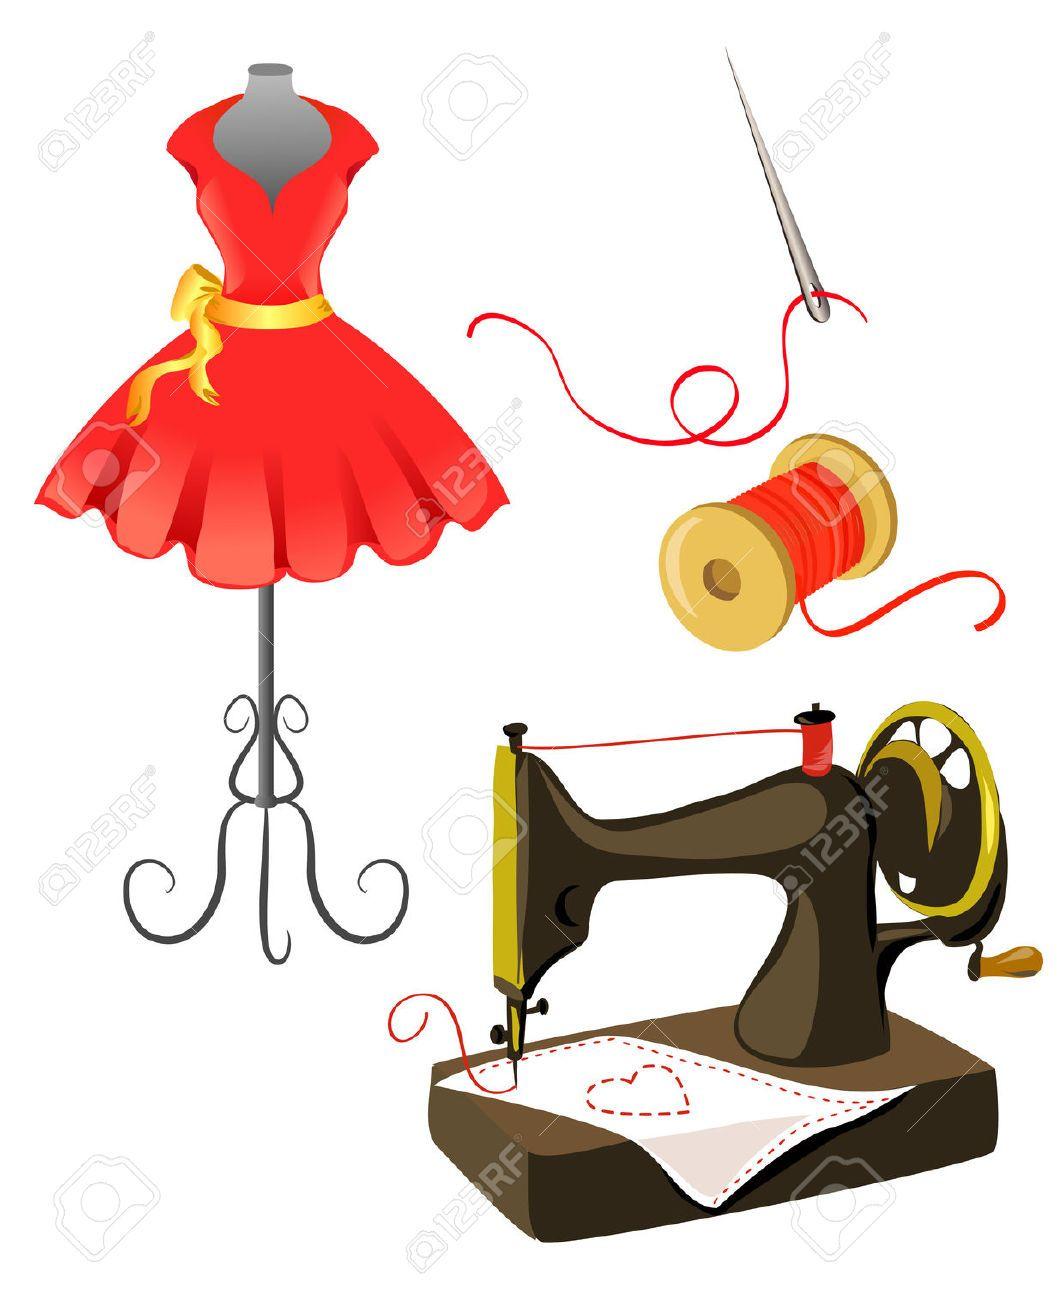 Ilustraciones maquinas de coser buscar con google costura